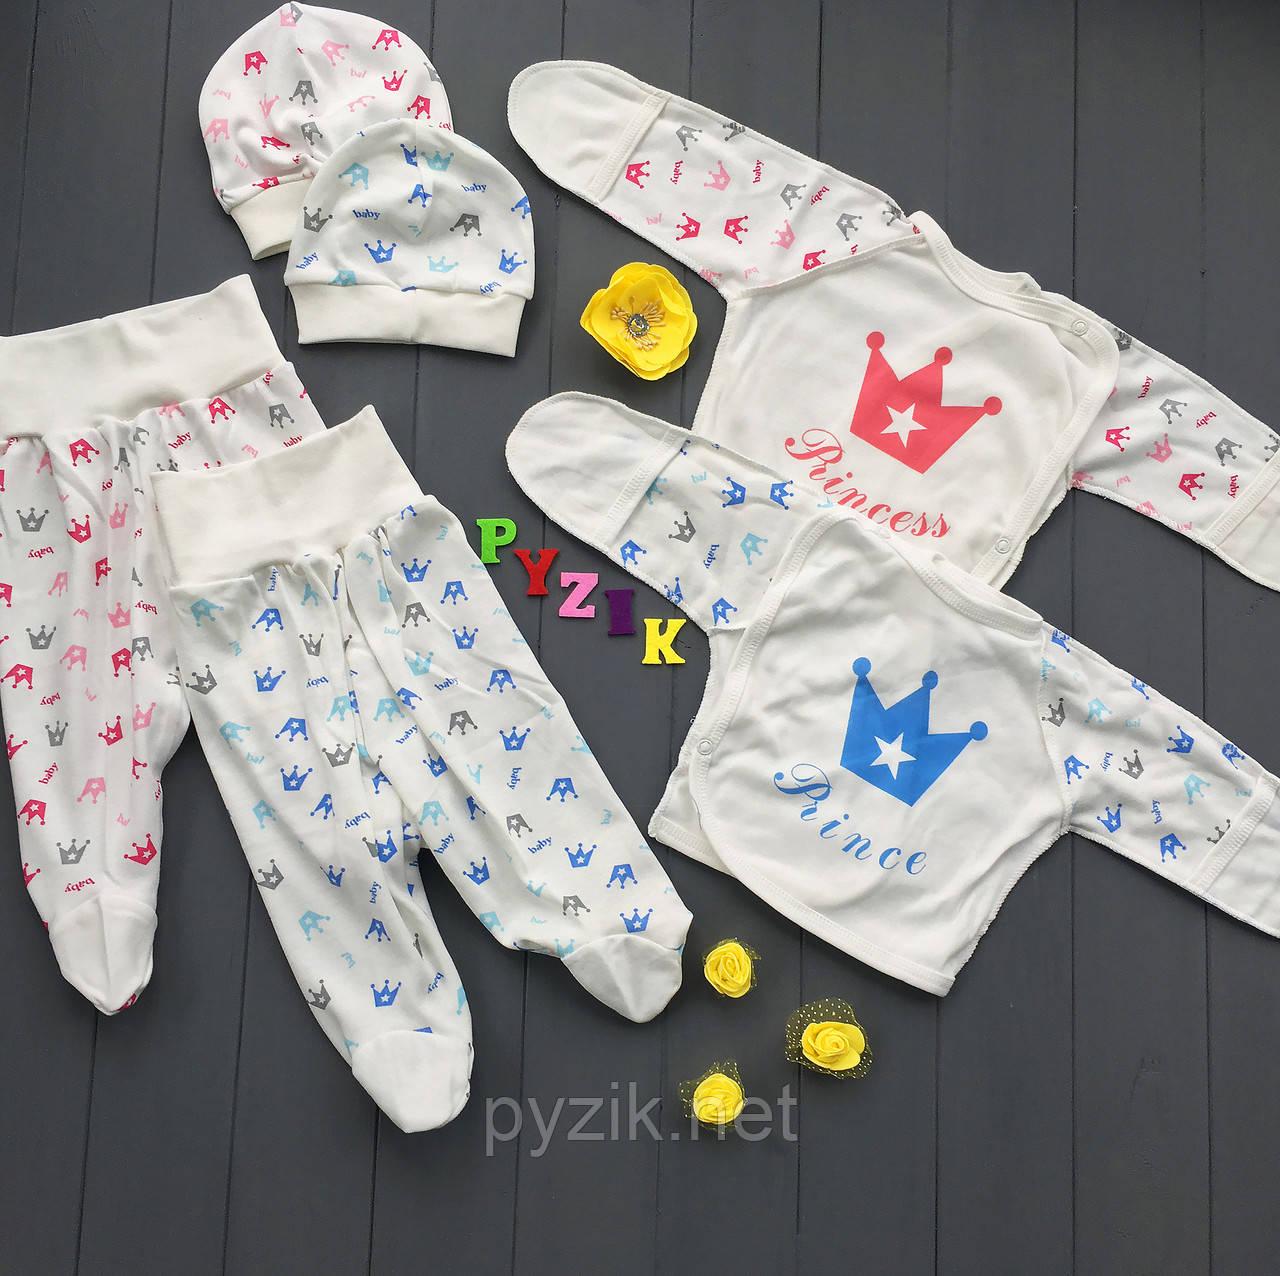 Комплект для новонародженого (сорочечка+повзунки+шапочка) Prince/Princessa 56 р, на вибір